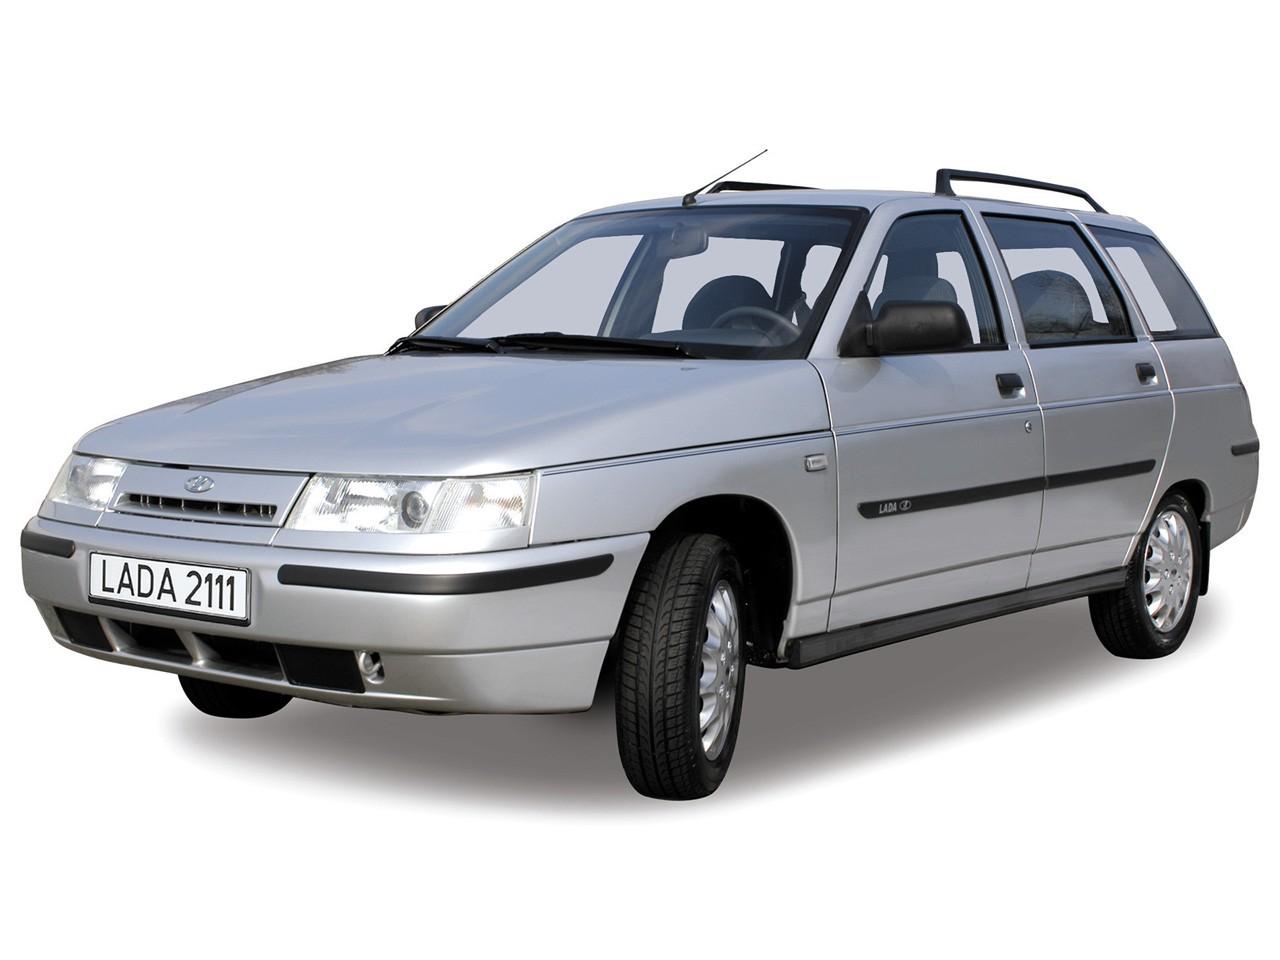 LADA 2111 1998 - 2009 Station wagon 5 door #3